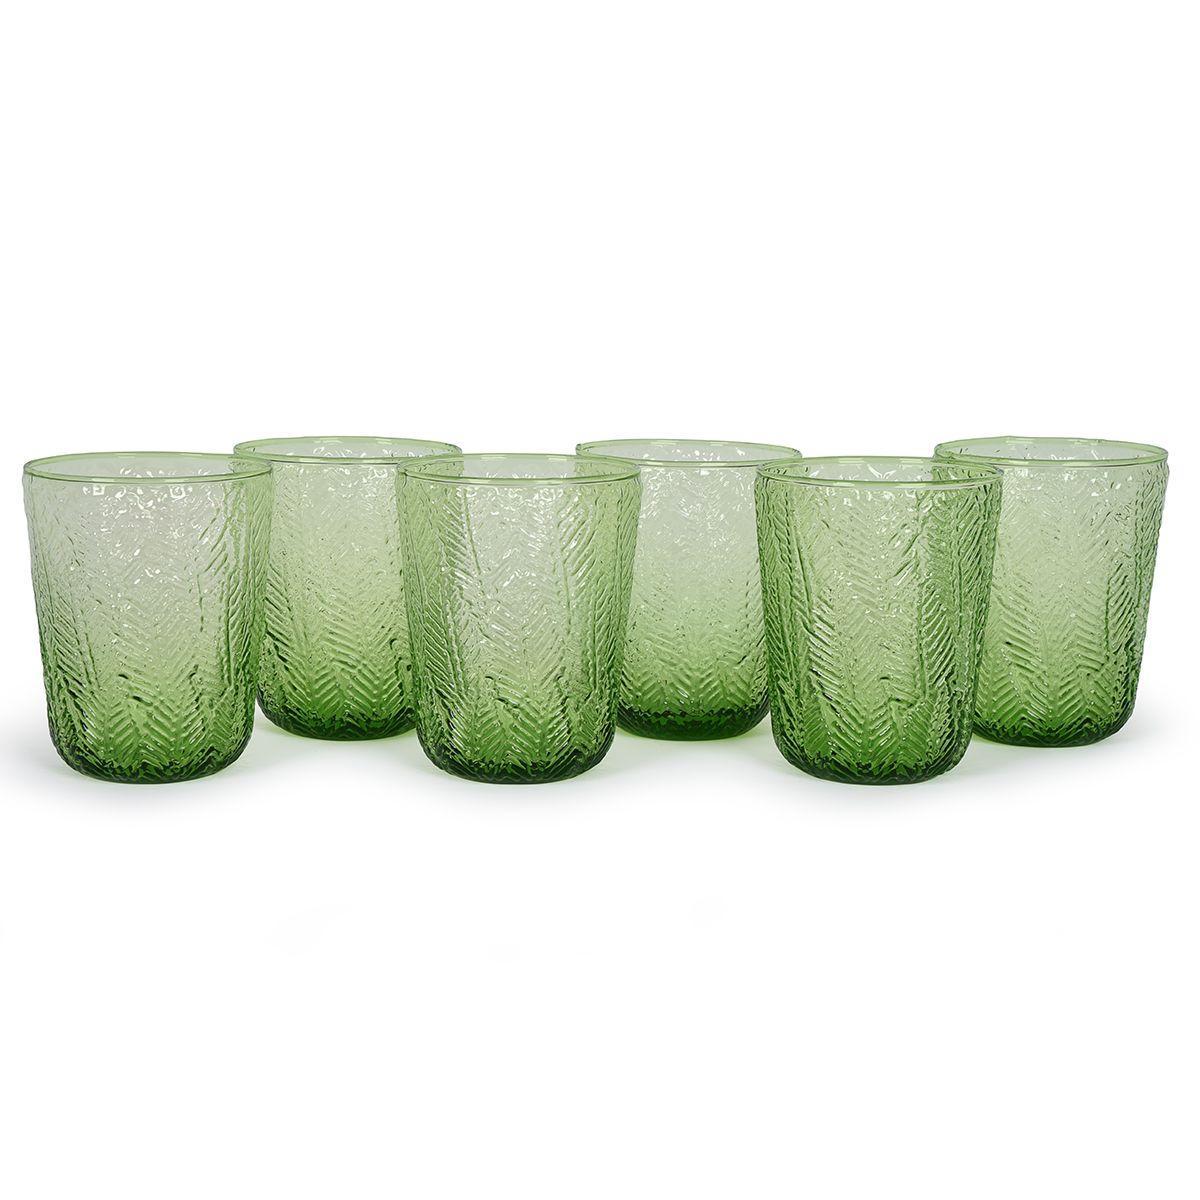 Набор зеленых стаканов из стекла, 6 шт. Montego